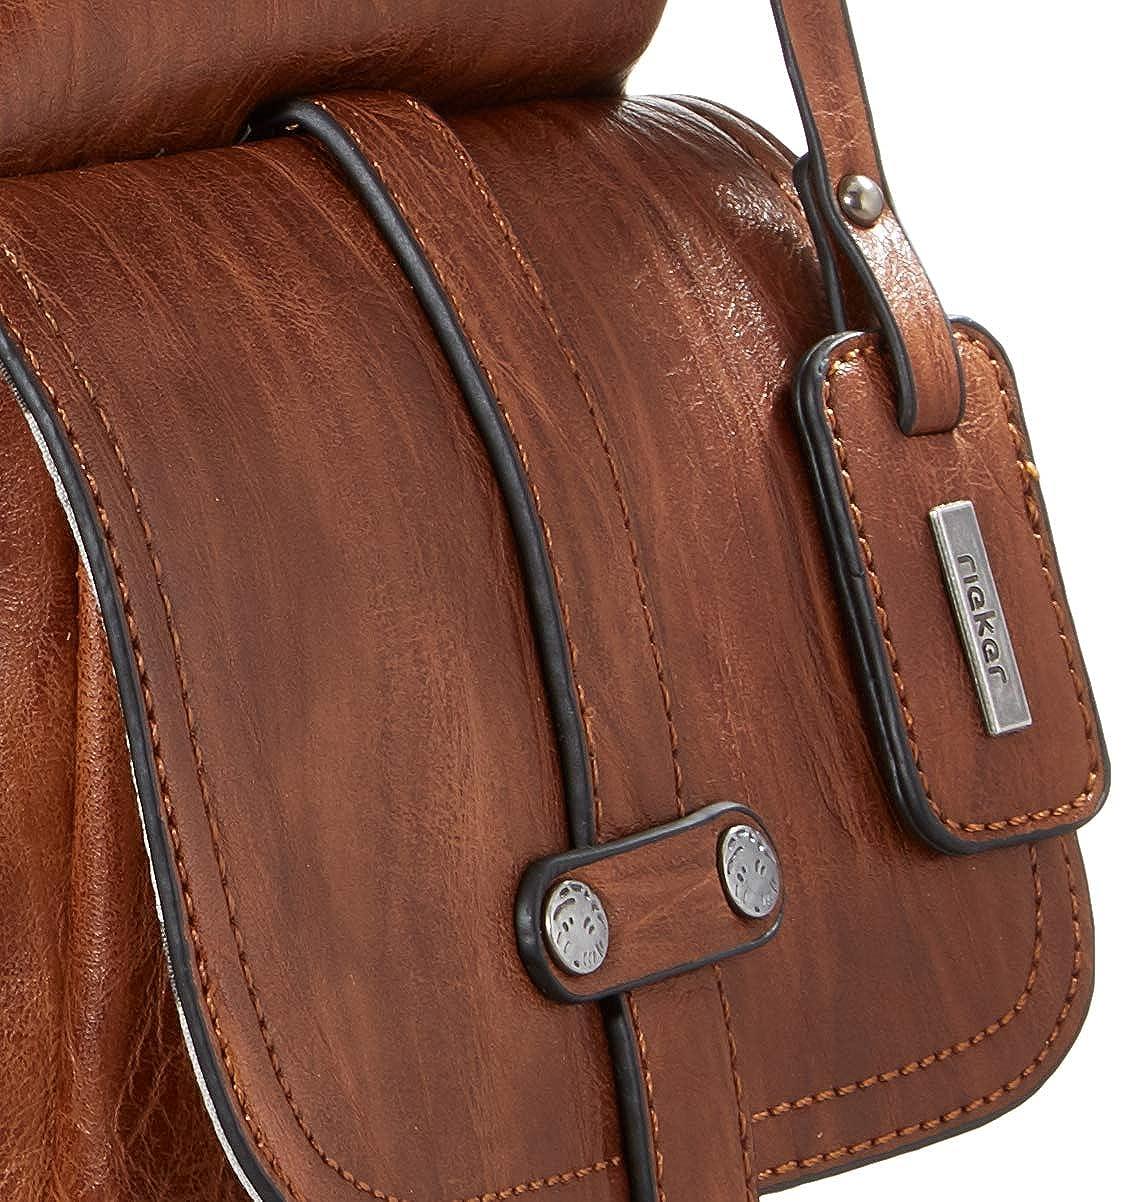 H1399-22 braun 534551 Rieker Accessoires Taschen TASCHEN